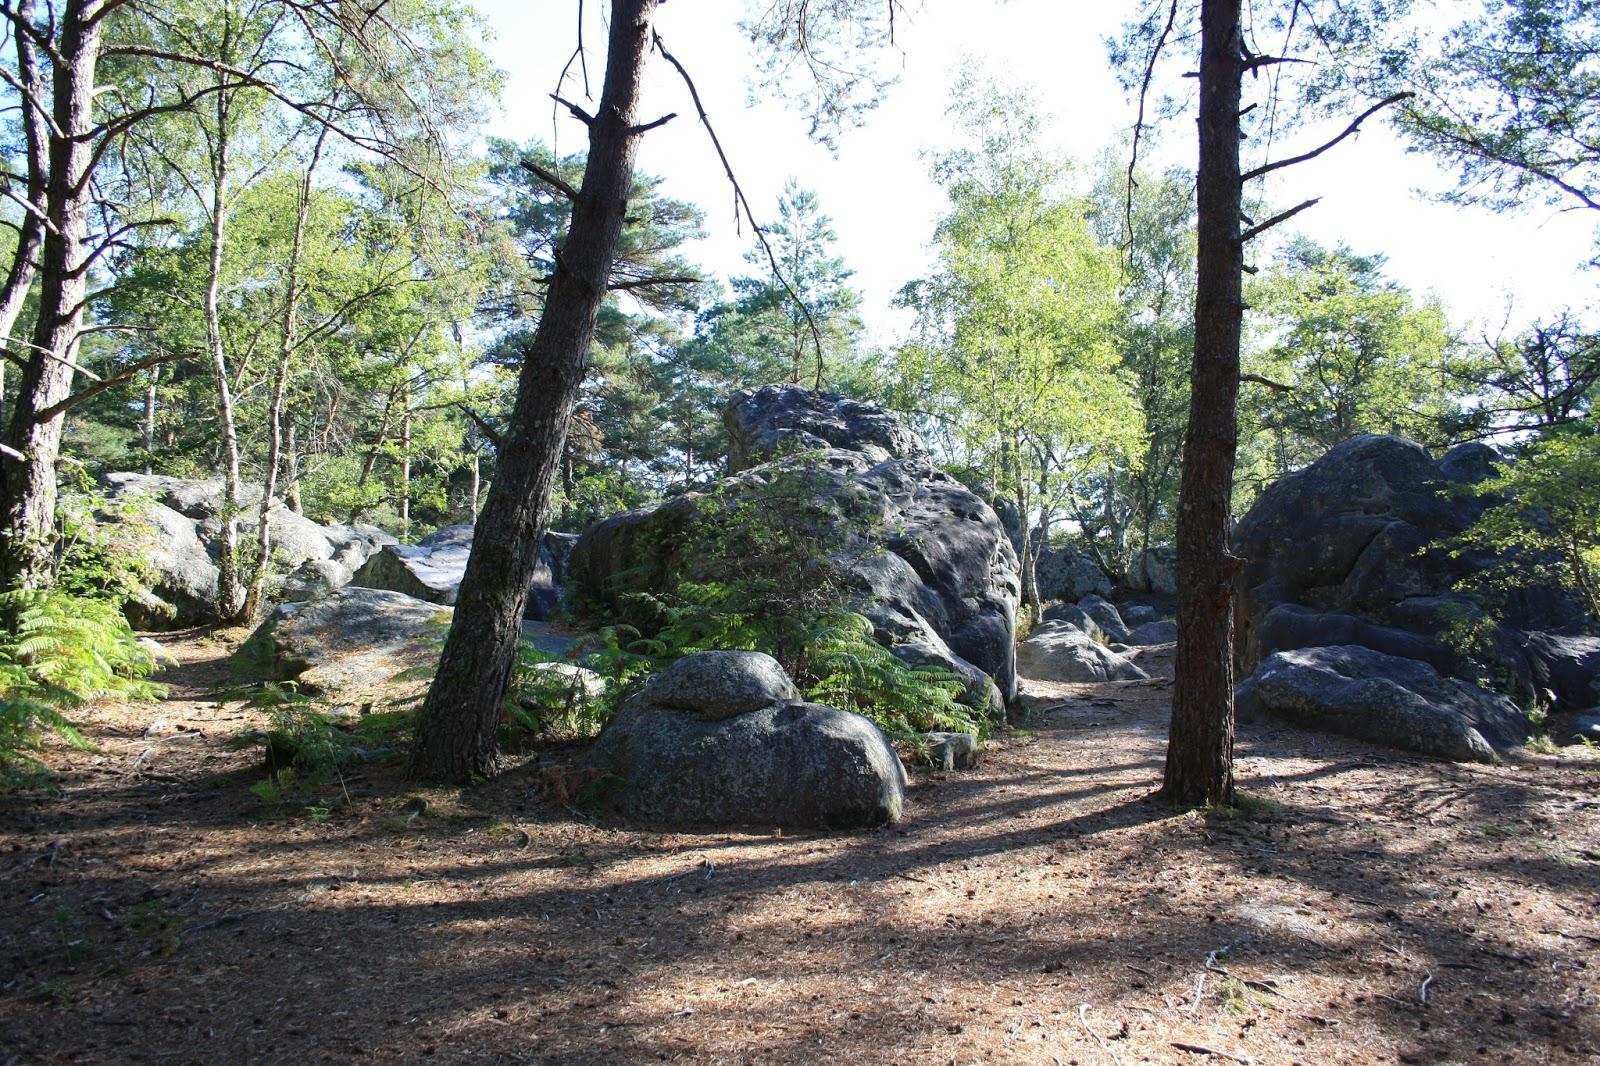 La gazette de bibi rocher saint germain for Piscine fontainebleau